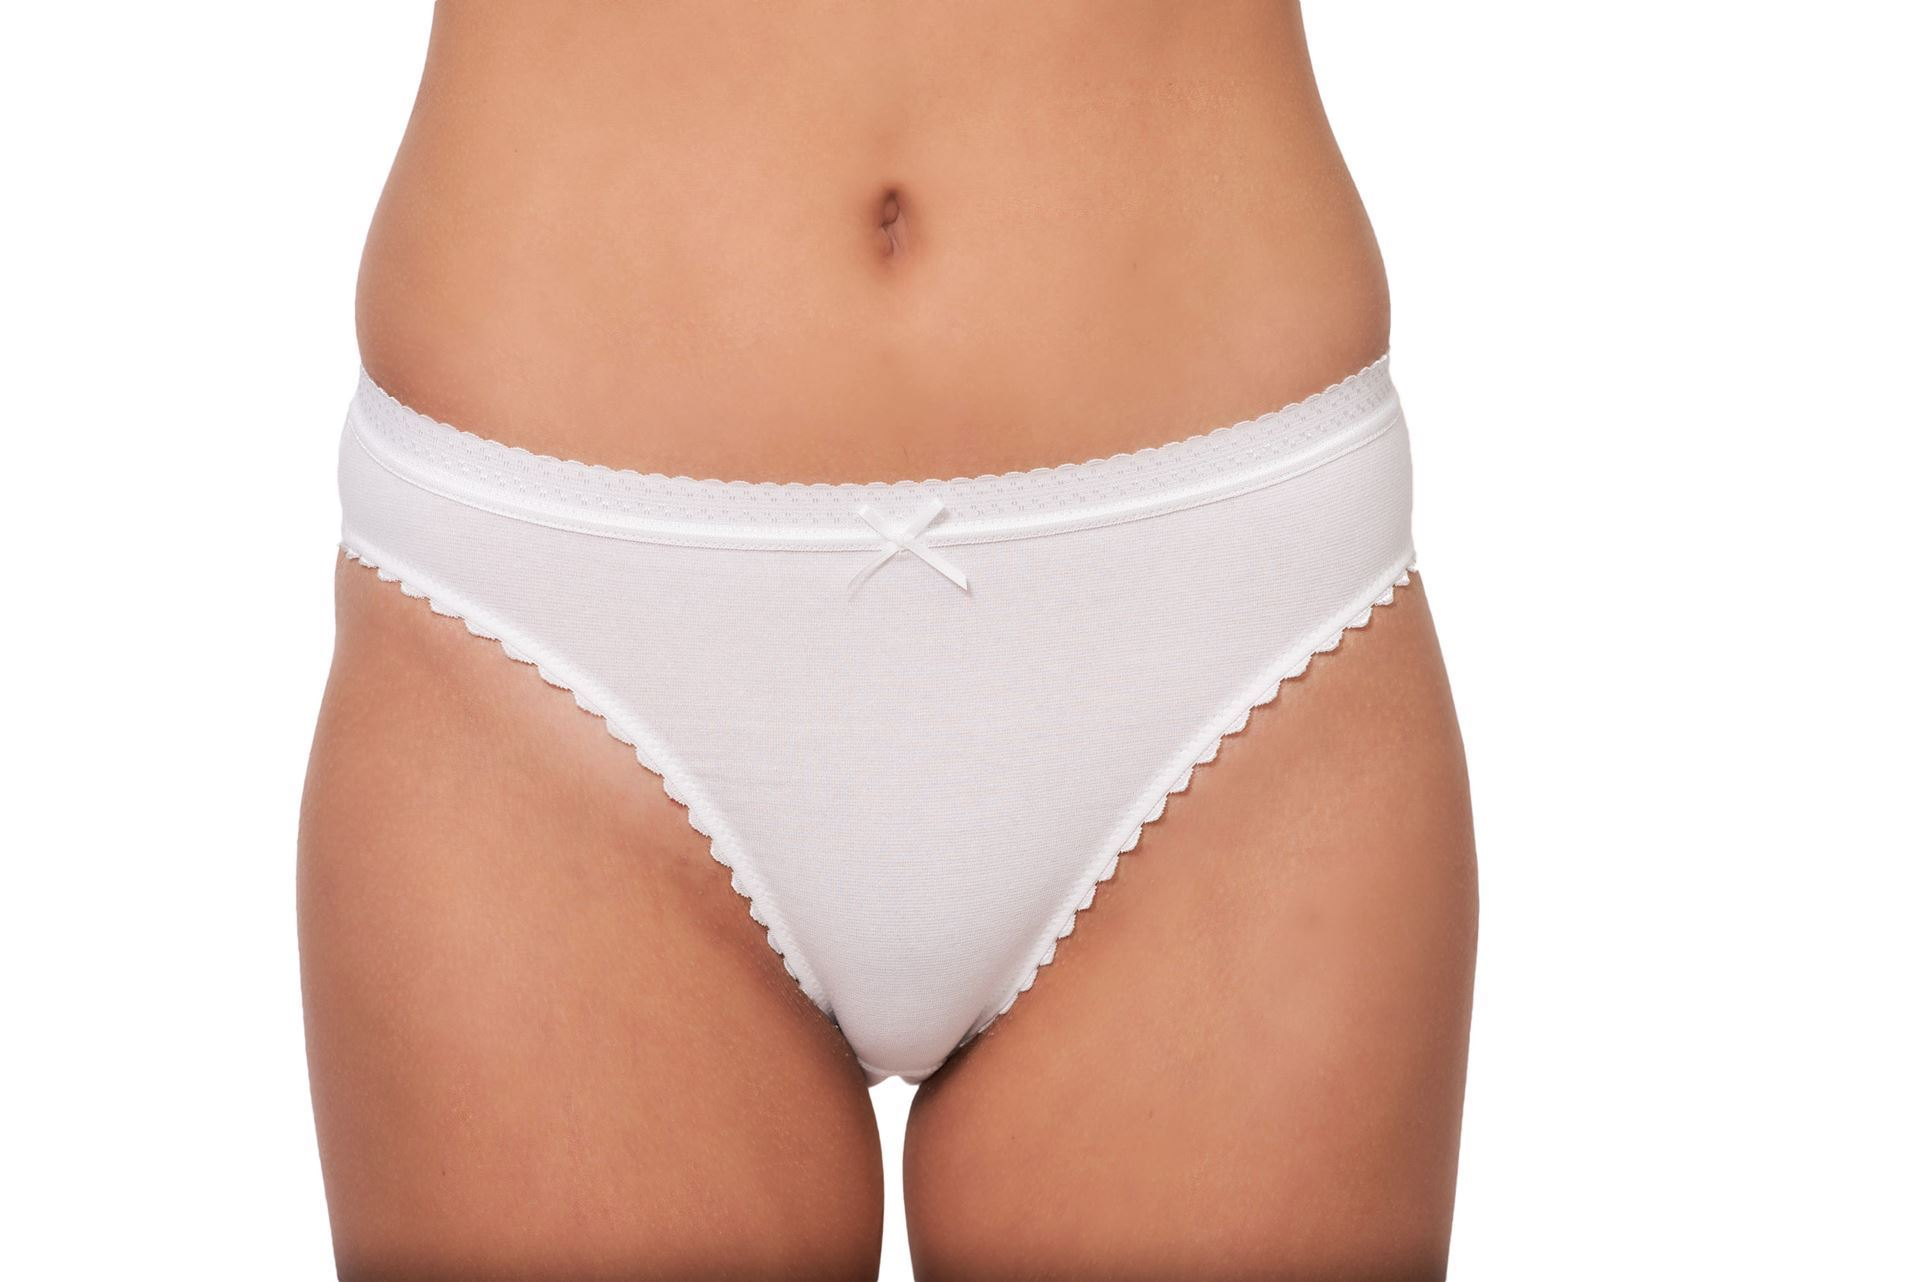 Picture of Women' s bikini briefs